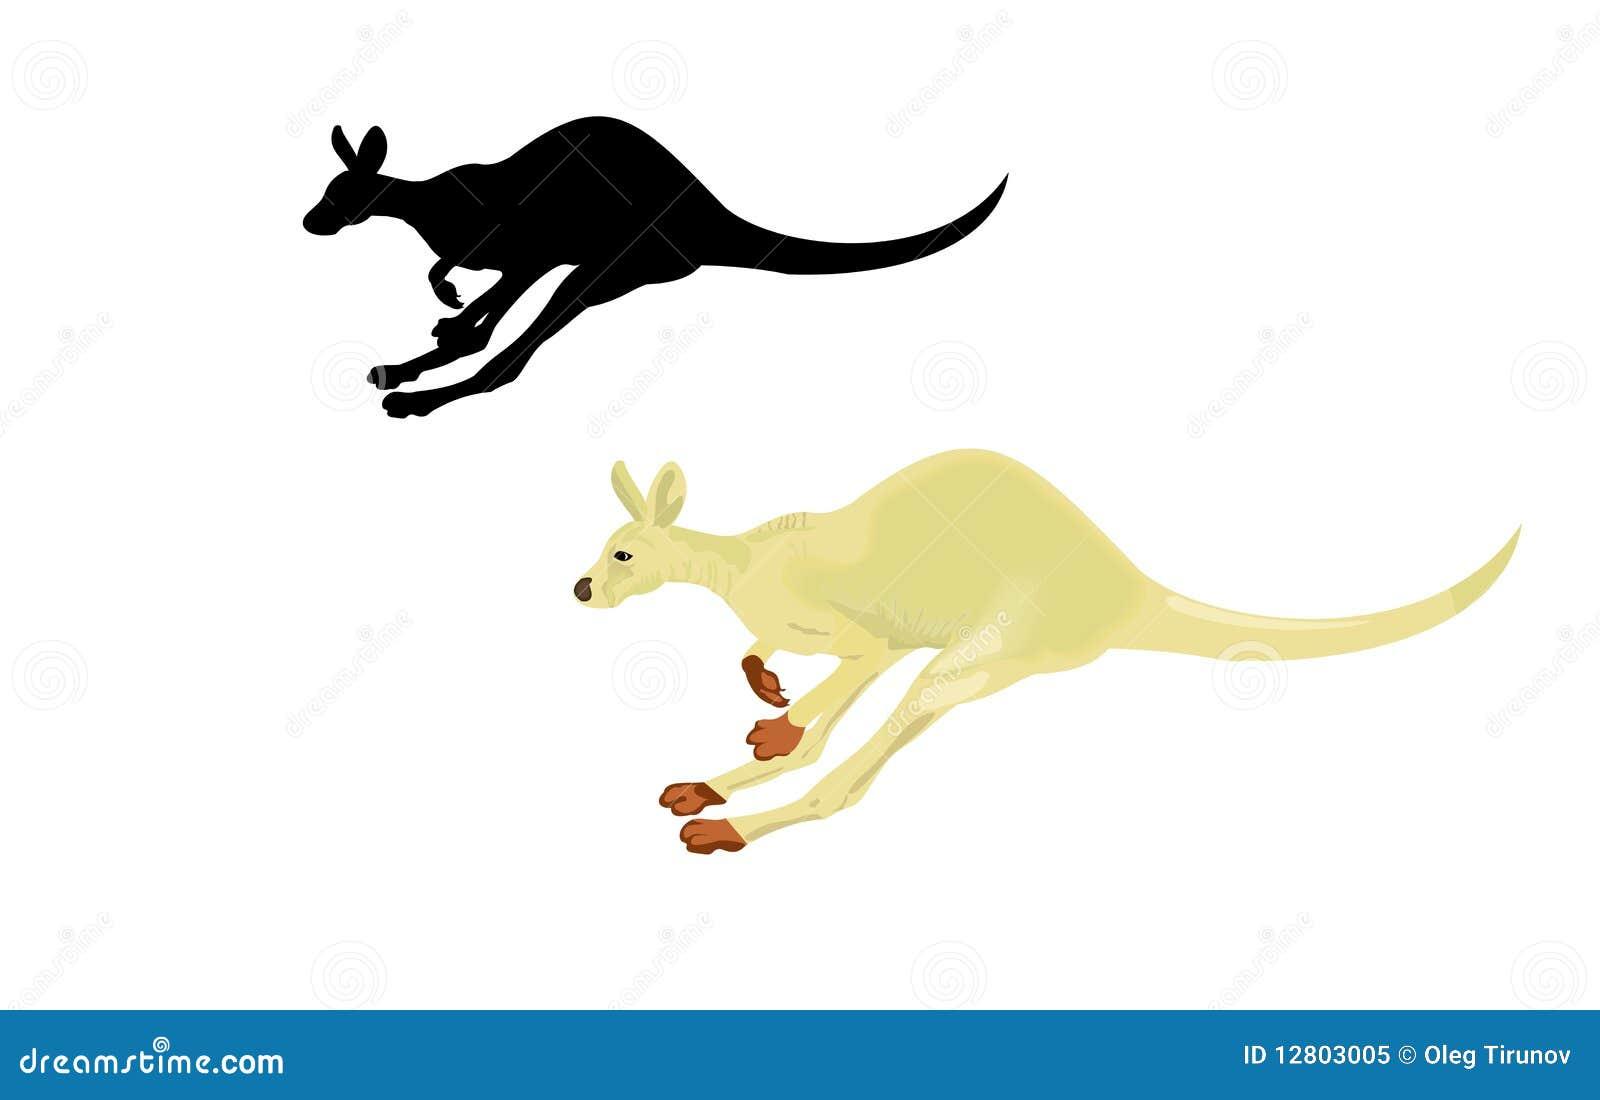 Canguru Running isolado em um fundo branco